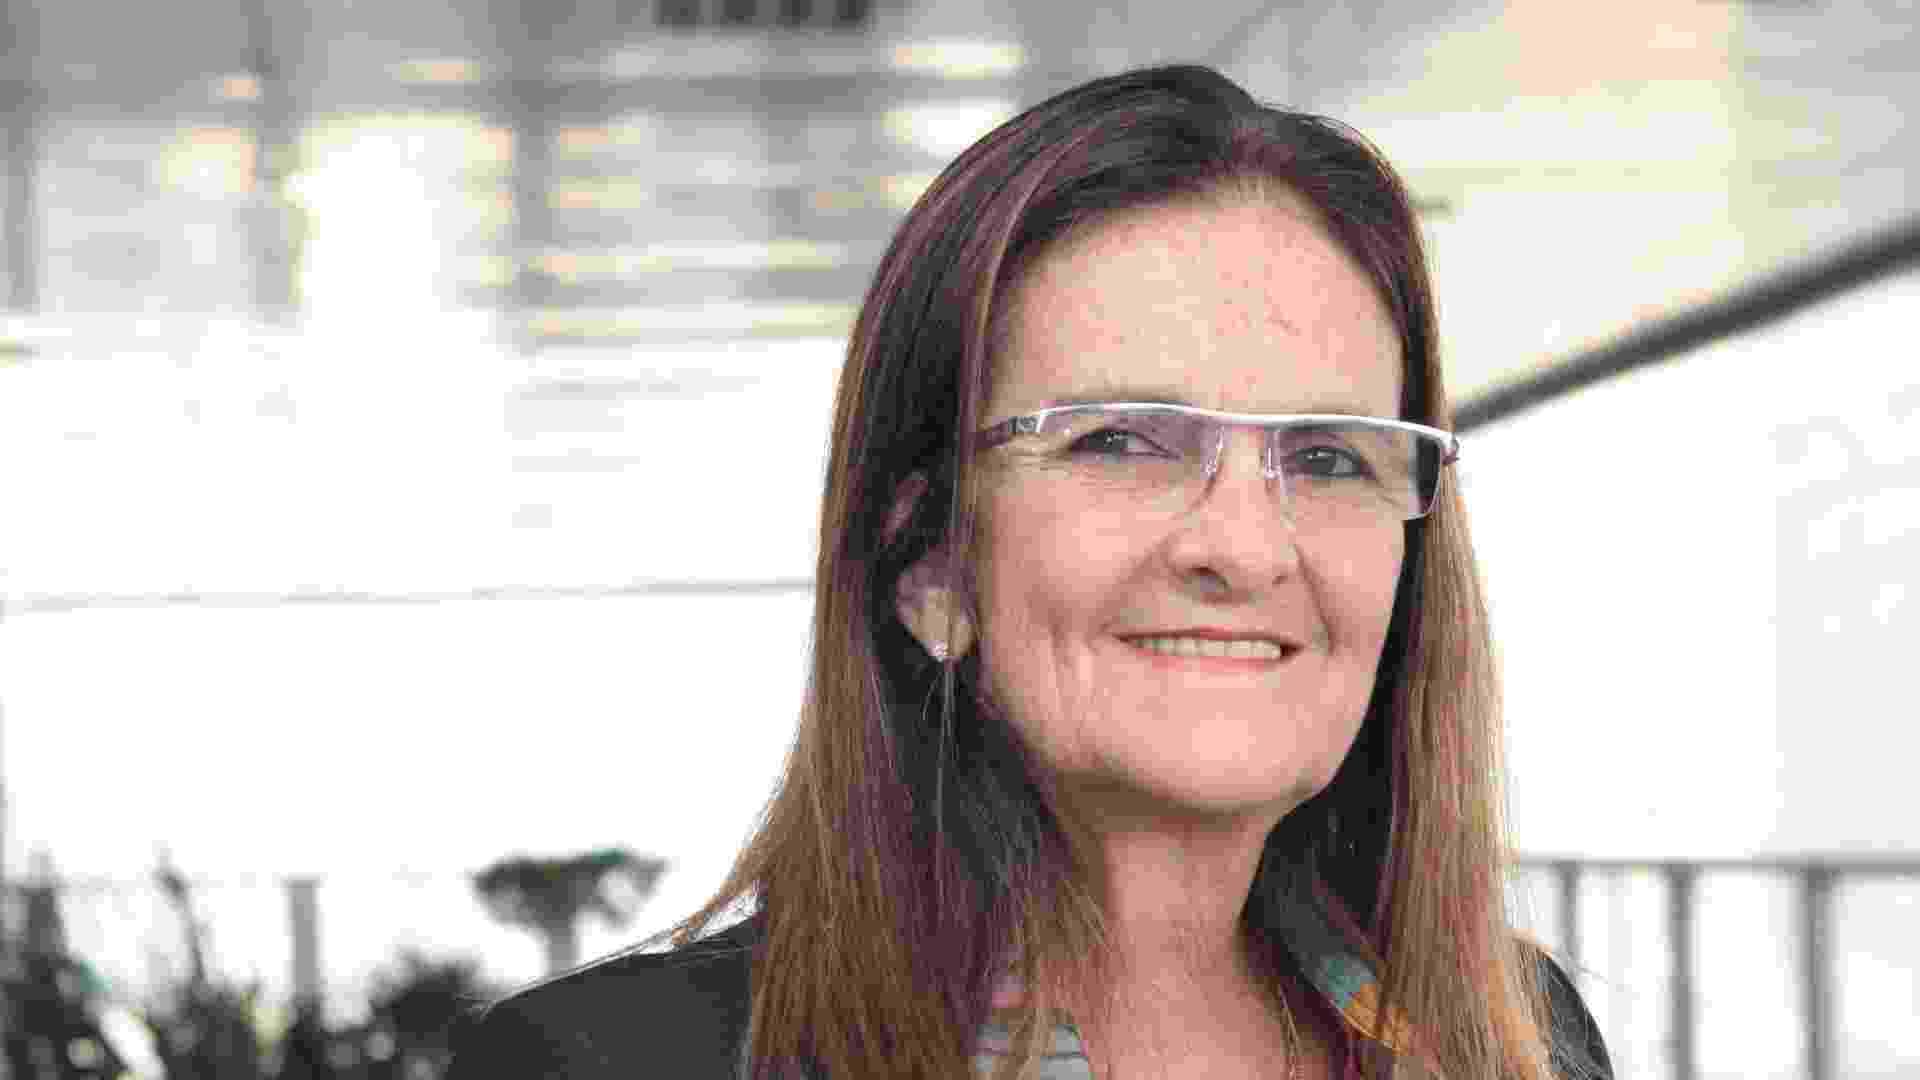 presidente da Petrobras, Maria das Graças Silva Foster - Divulgação/Agência Petrobras